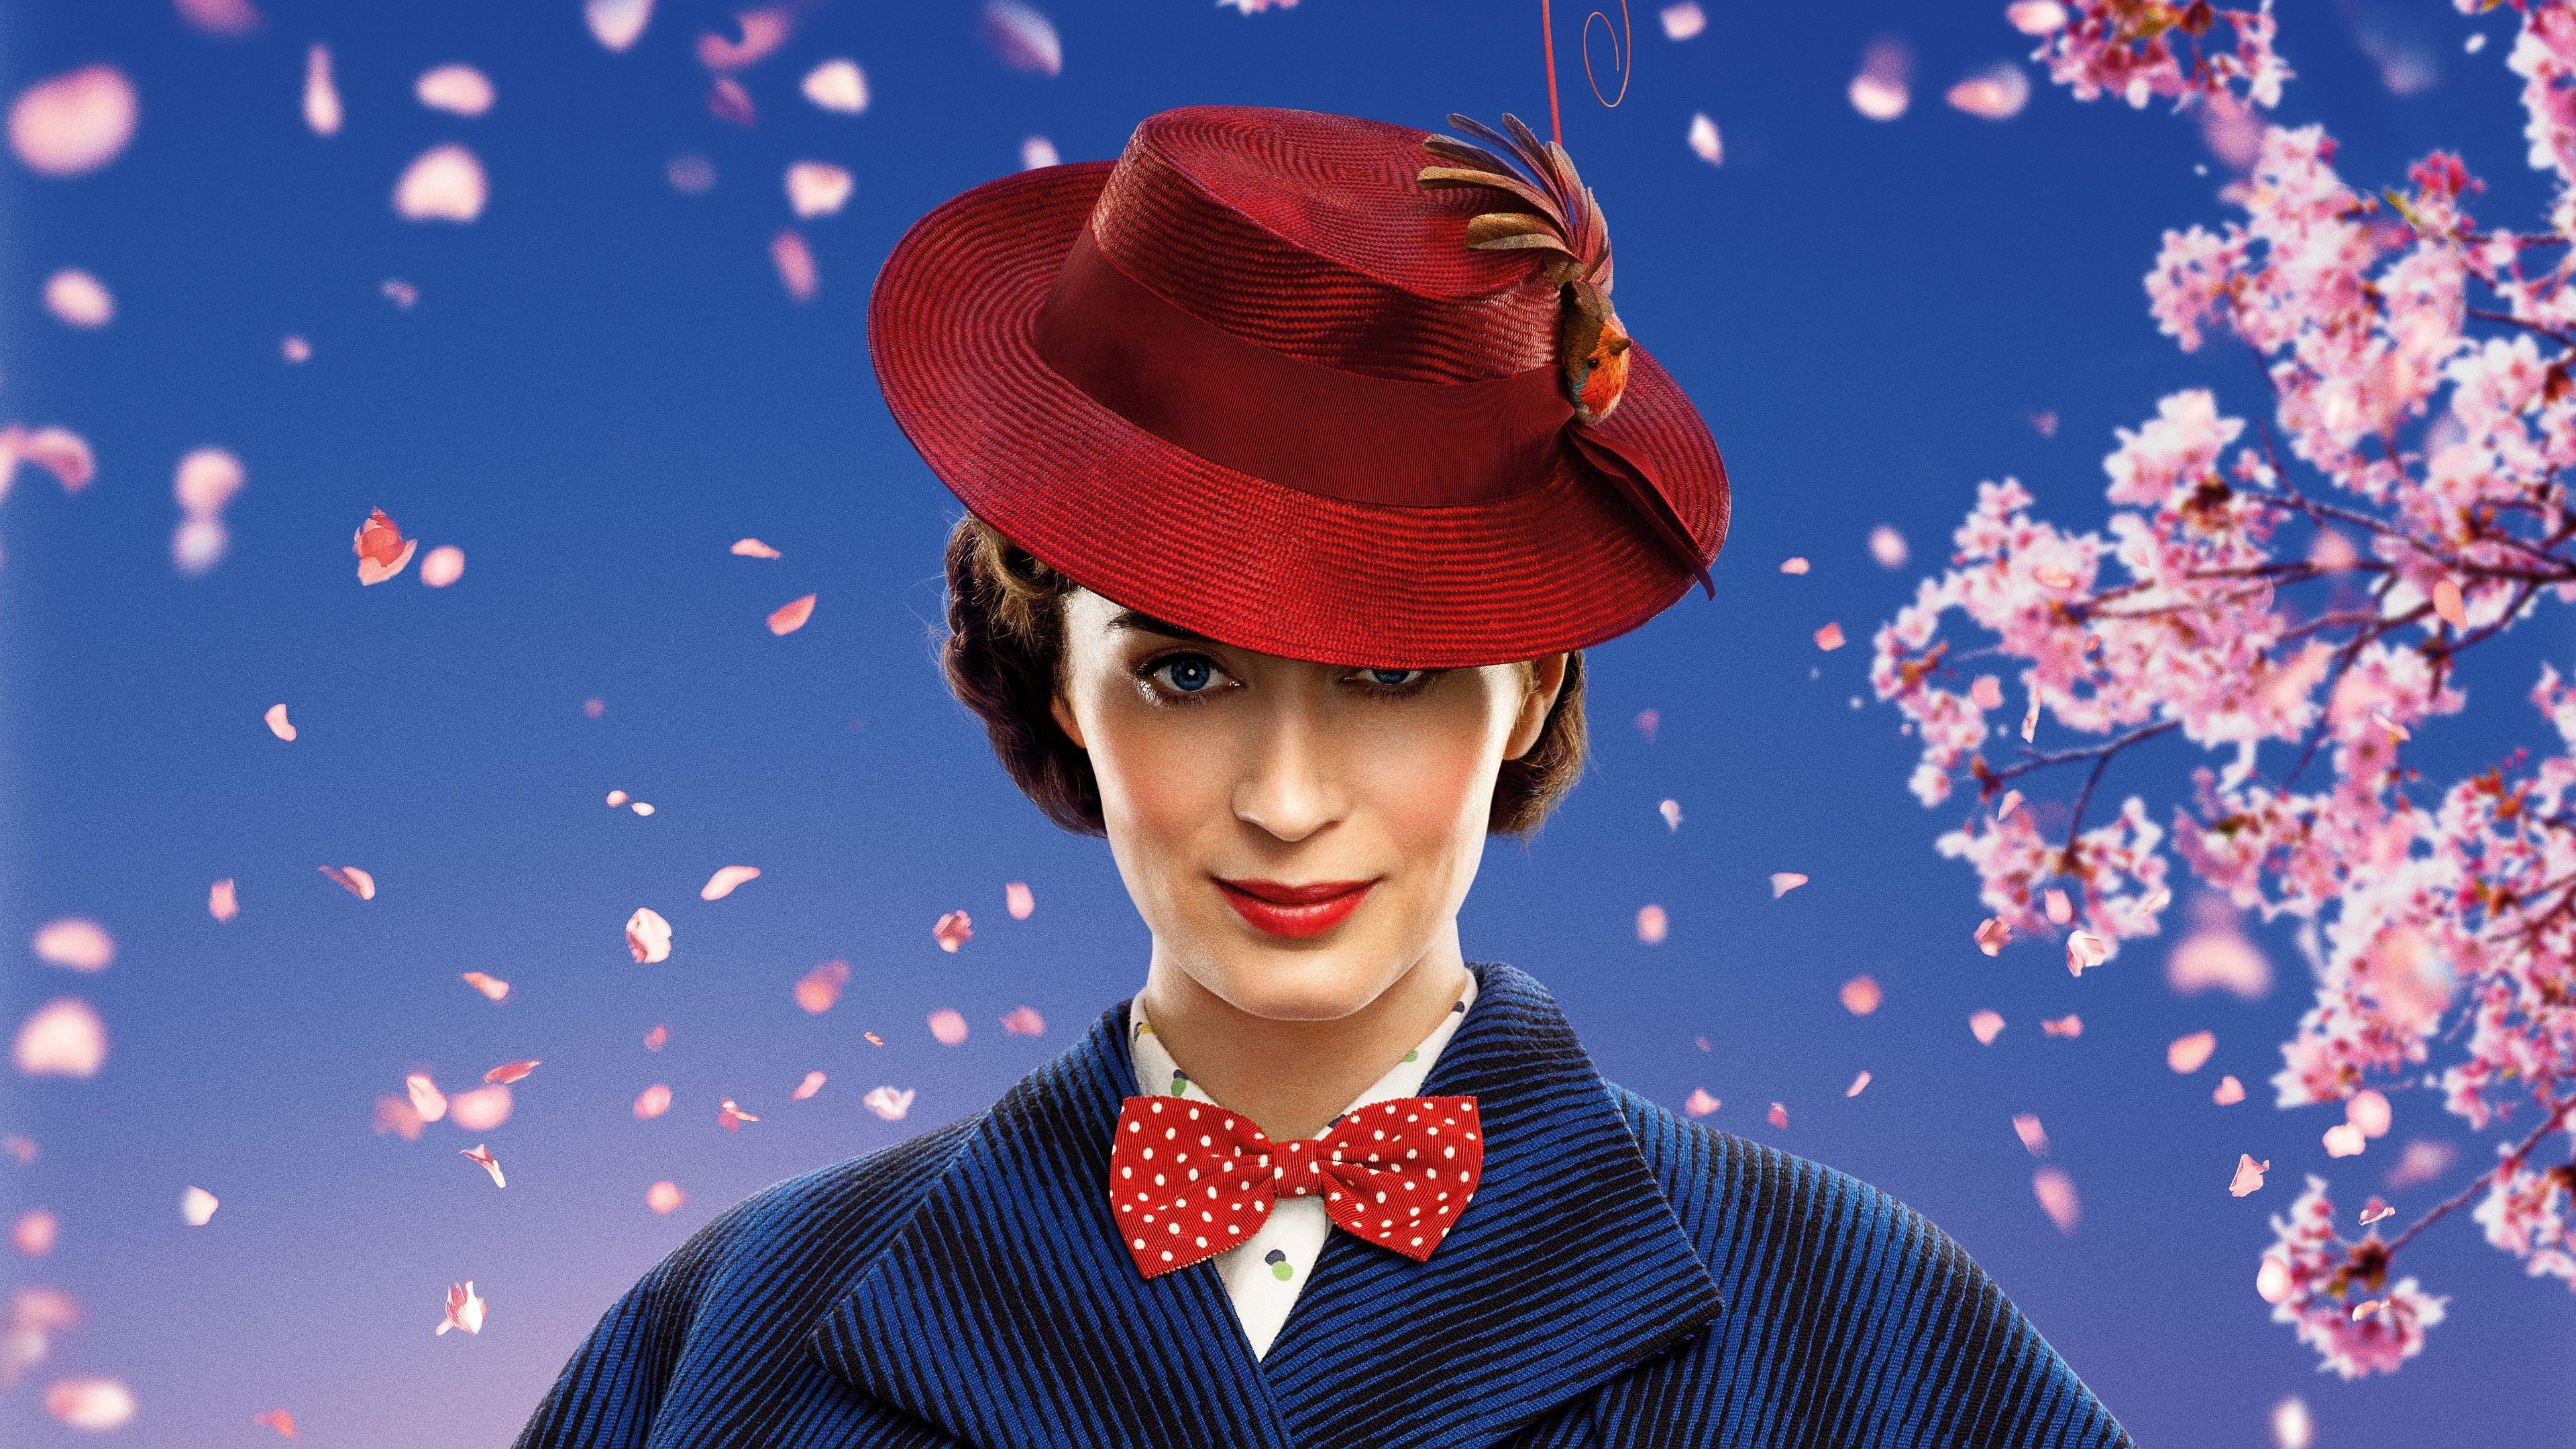 mary poppins visszatér teljes film magyarul # 3